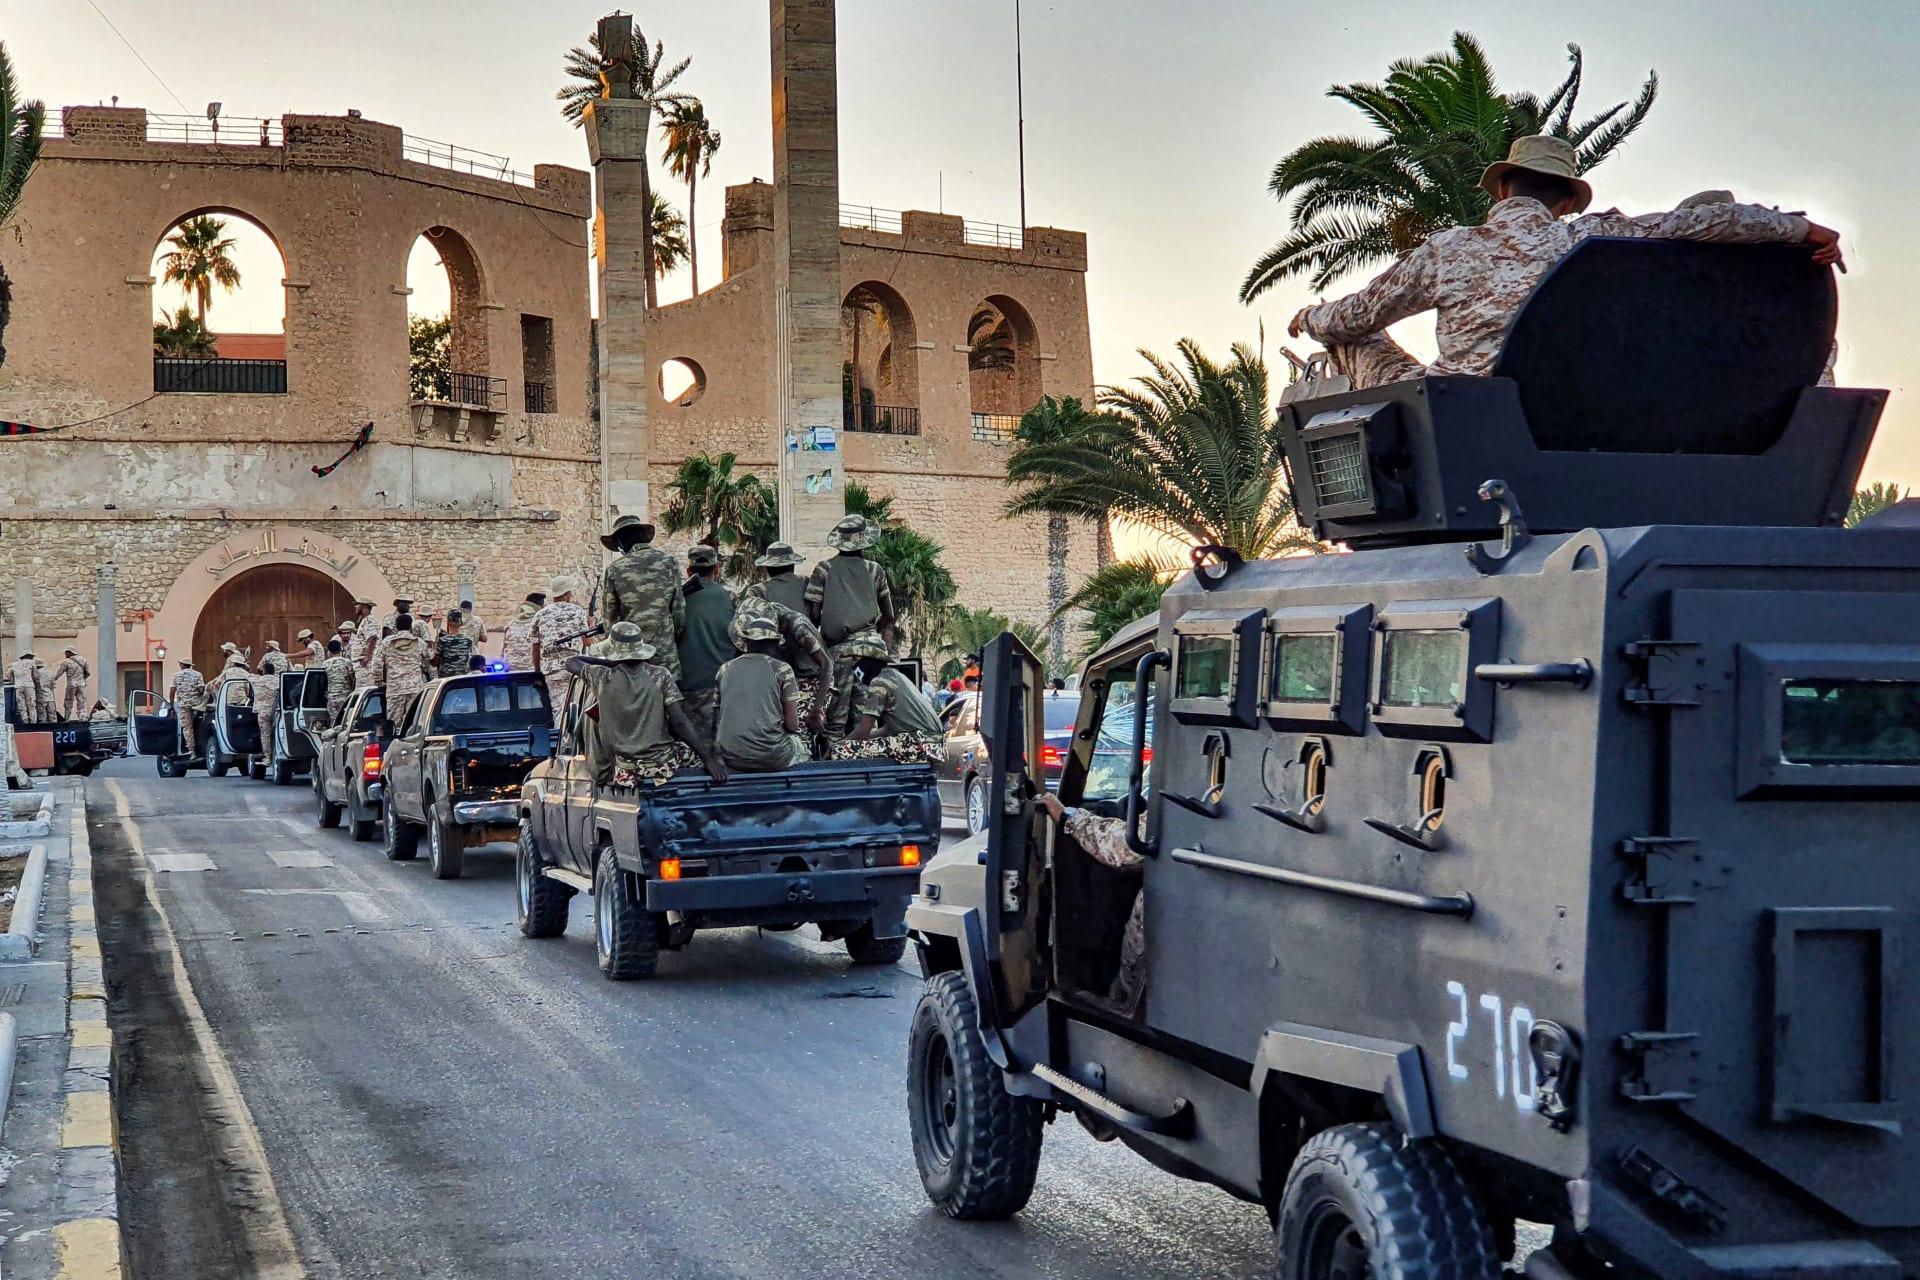 """البعثة الأممية تطالب بوقف """"اعتقالات تعسفية"""" في الأصابعة غربي ليبيا"""